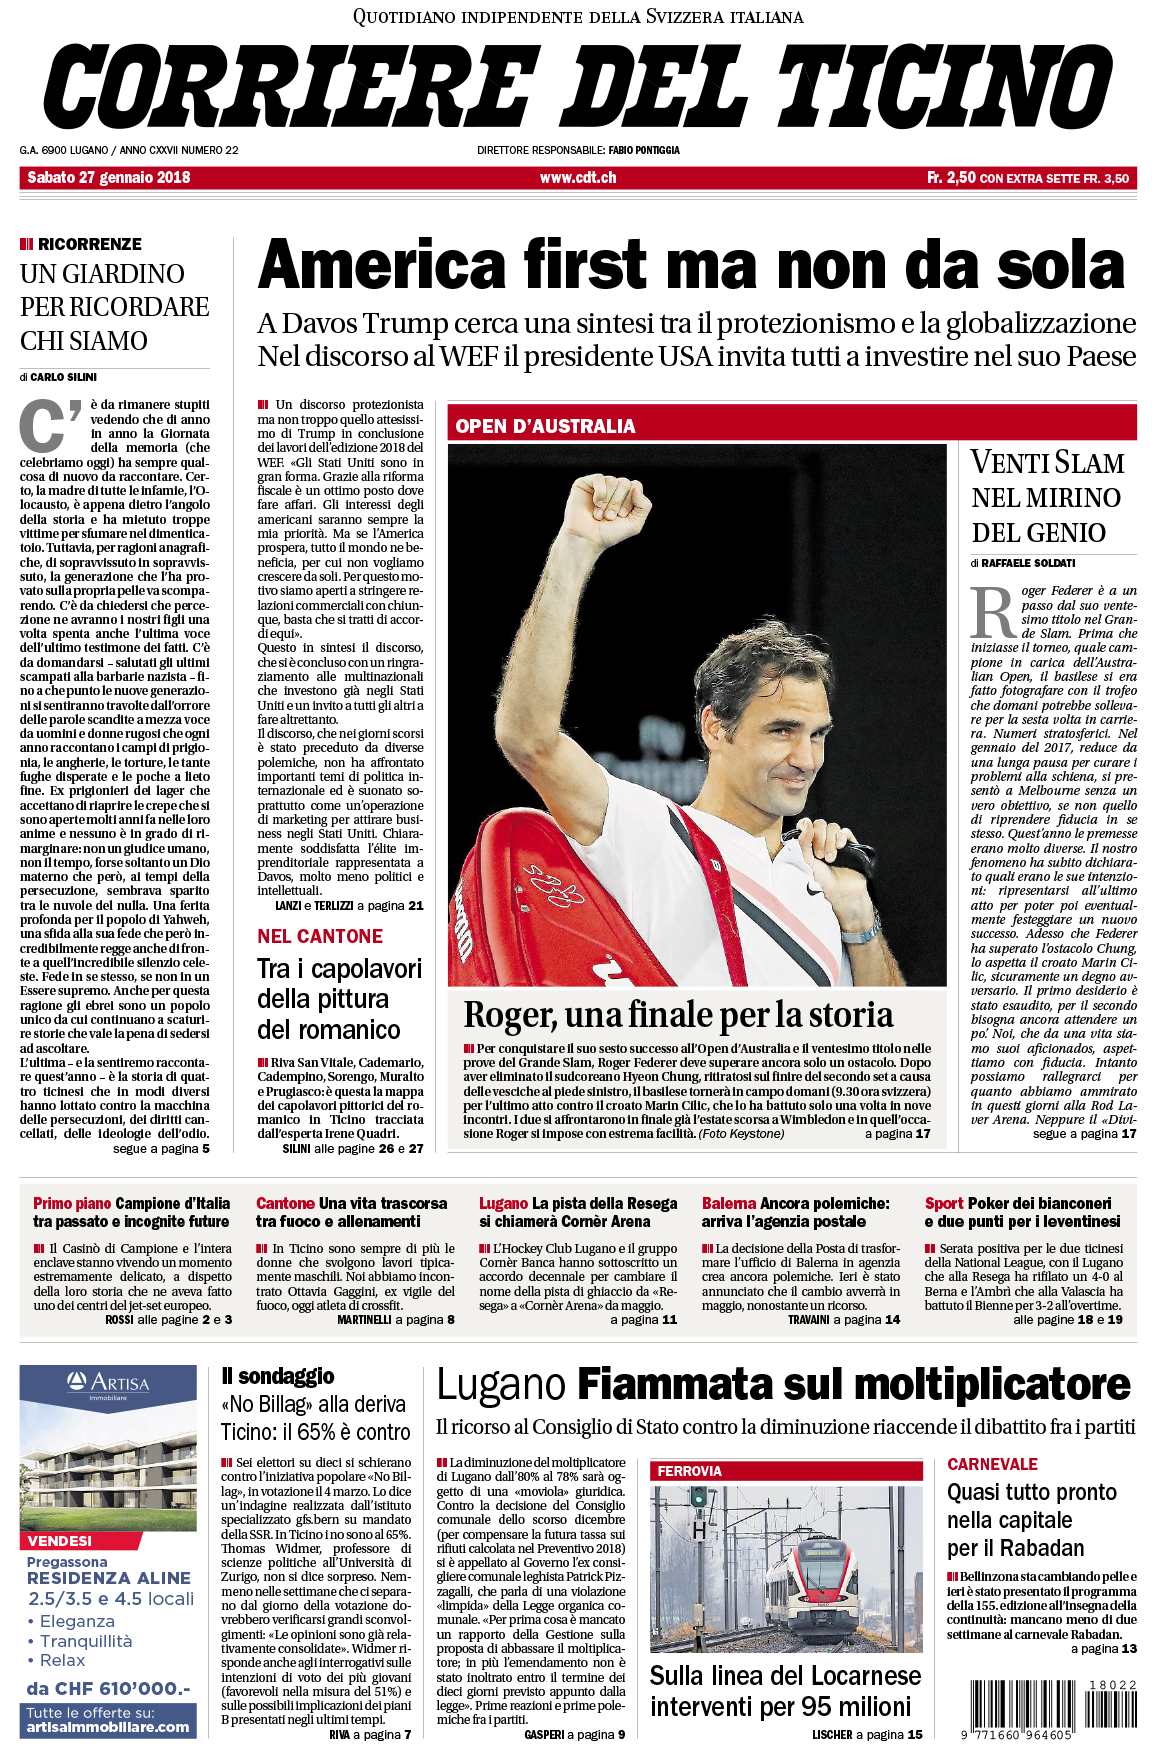 27.01.18 - Corriere del Ticino